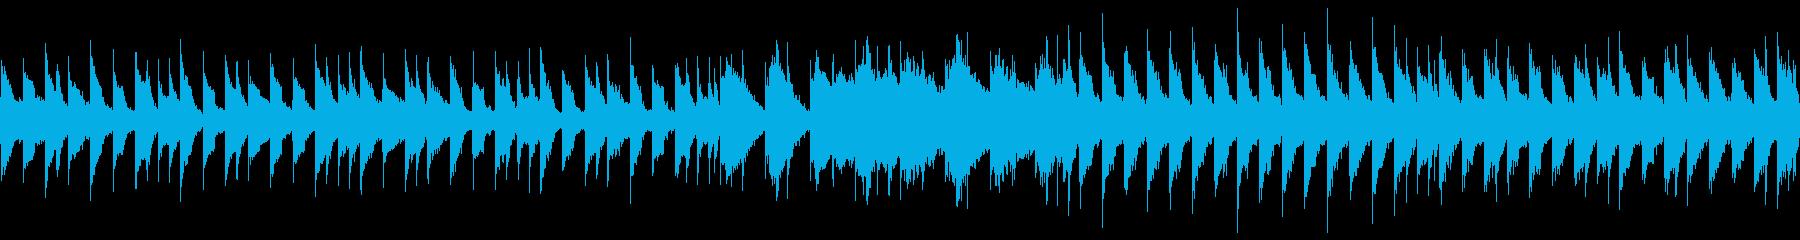 暗い雰囲気のチップチューンサウンドの再生済みの波形